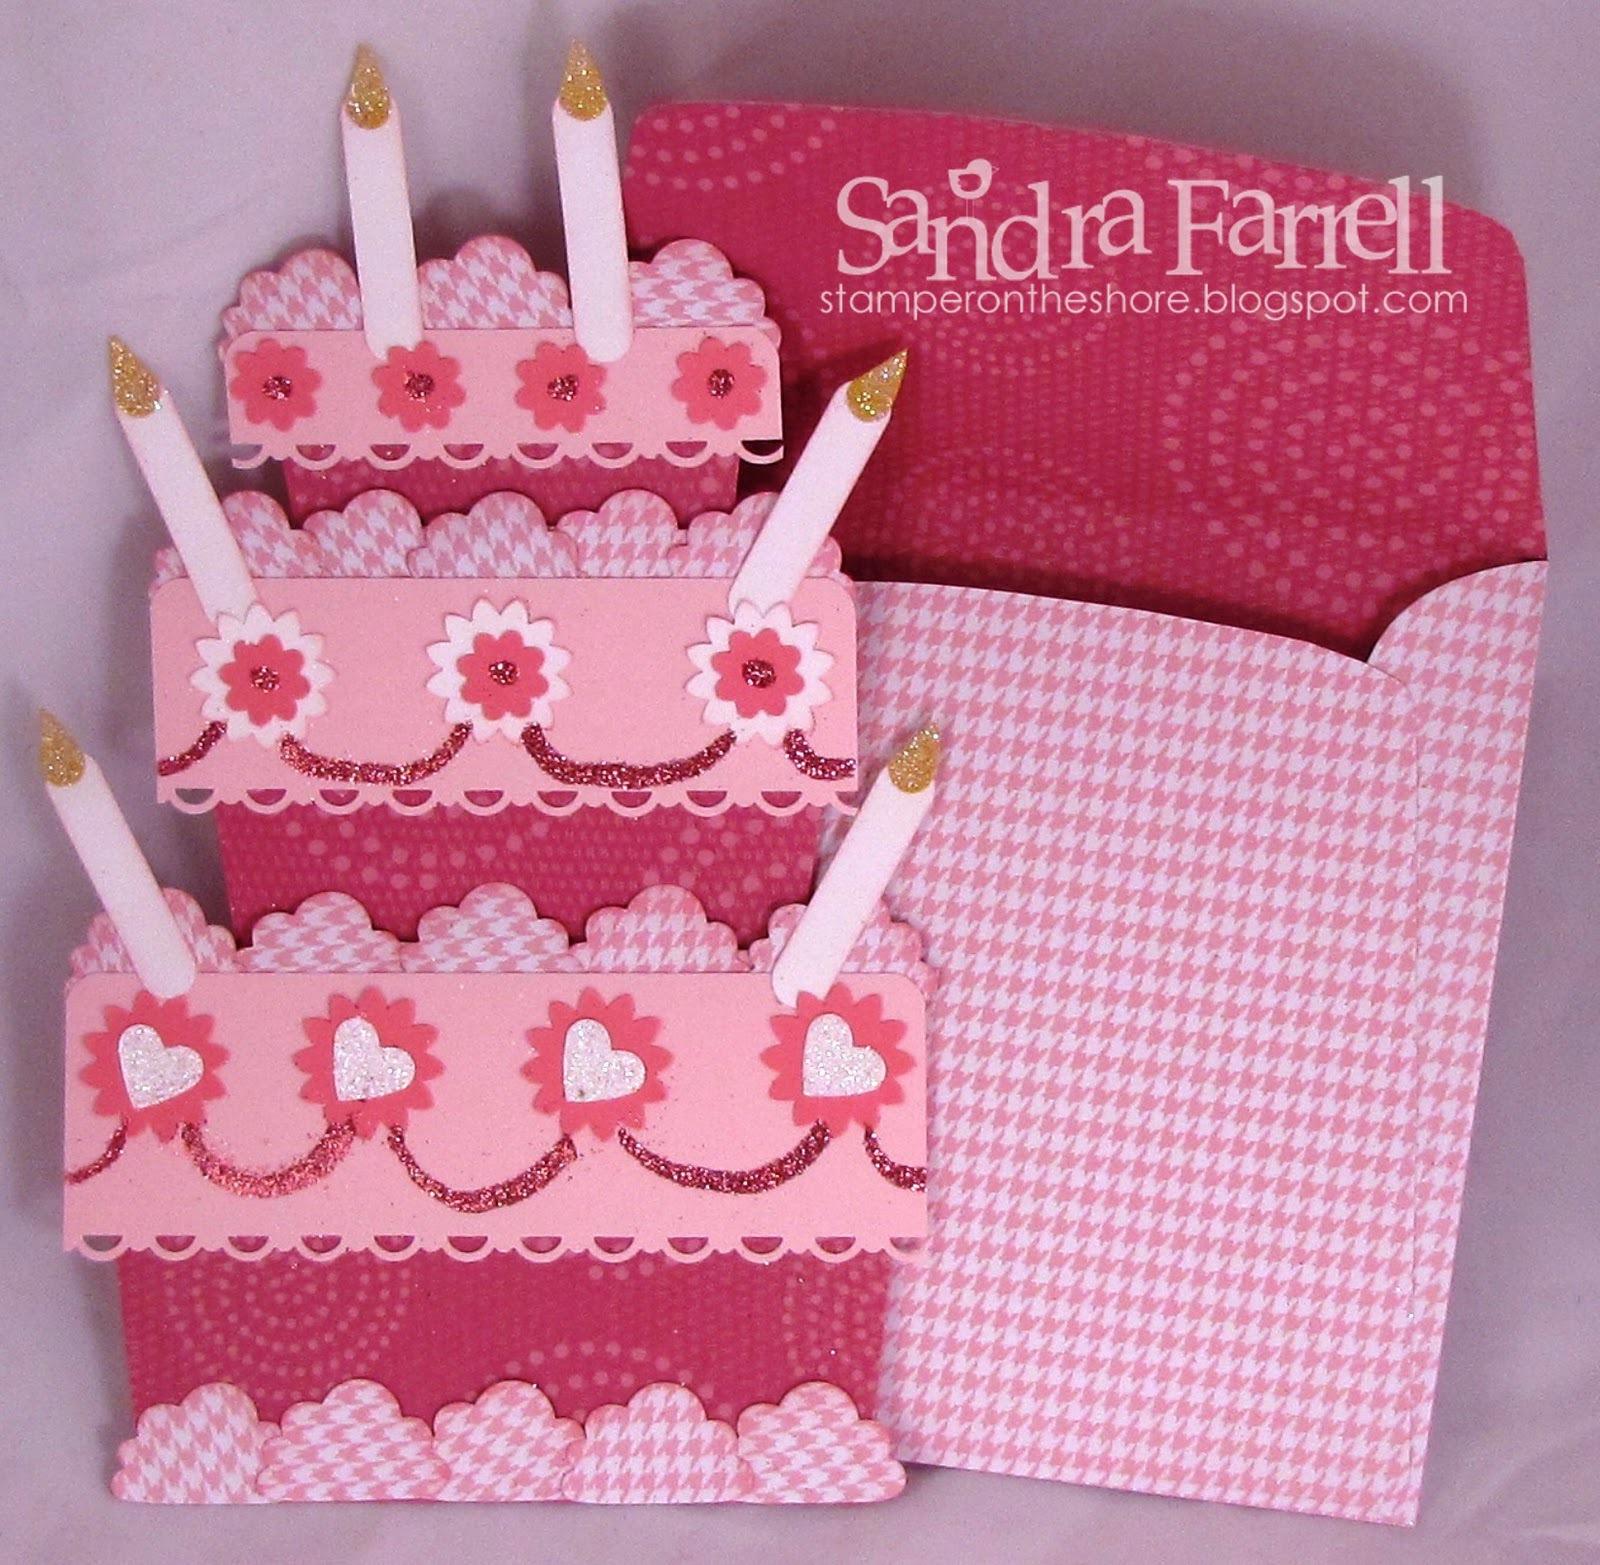 Открытка на день рождения в форме торта - С Днем Рождения поздравительные картинки